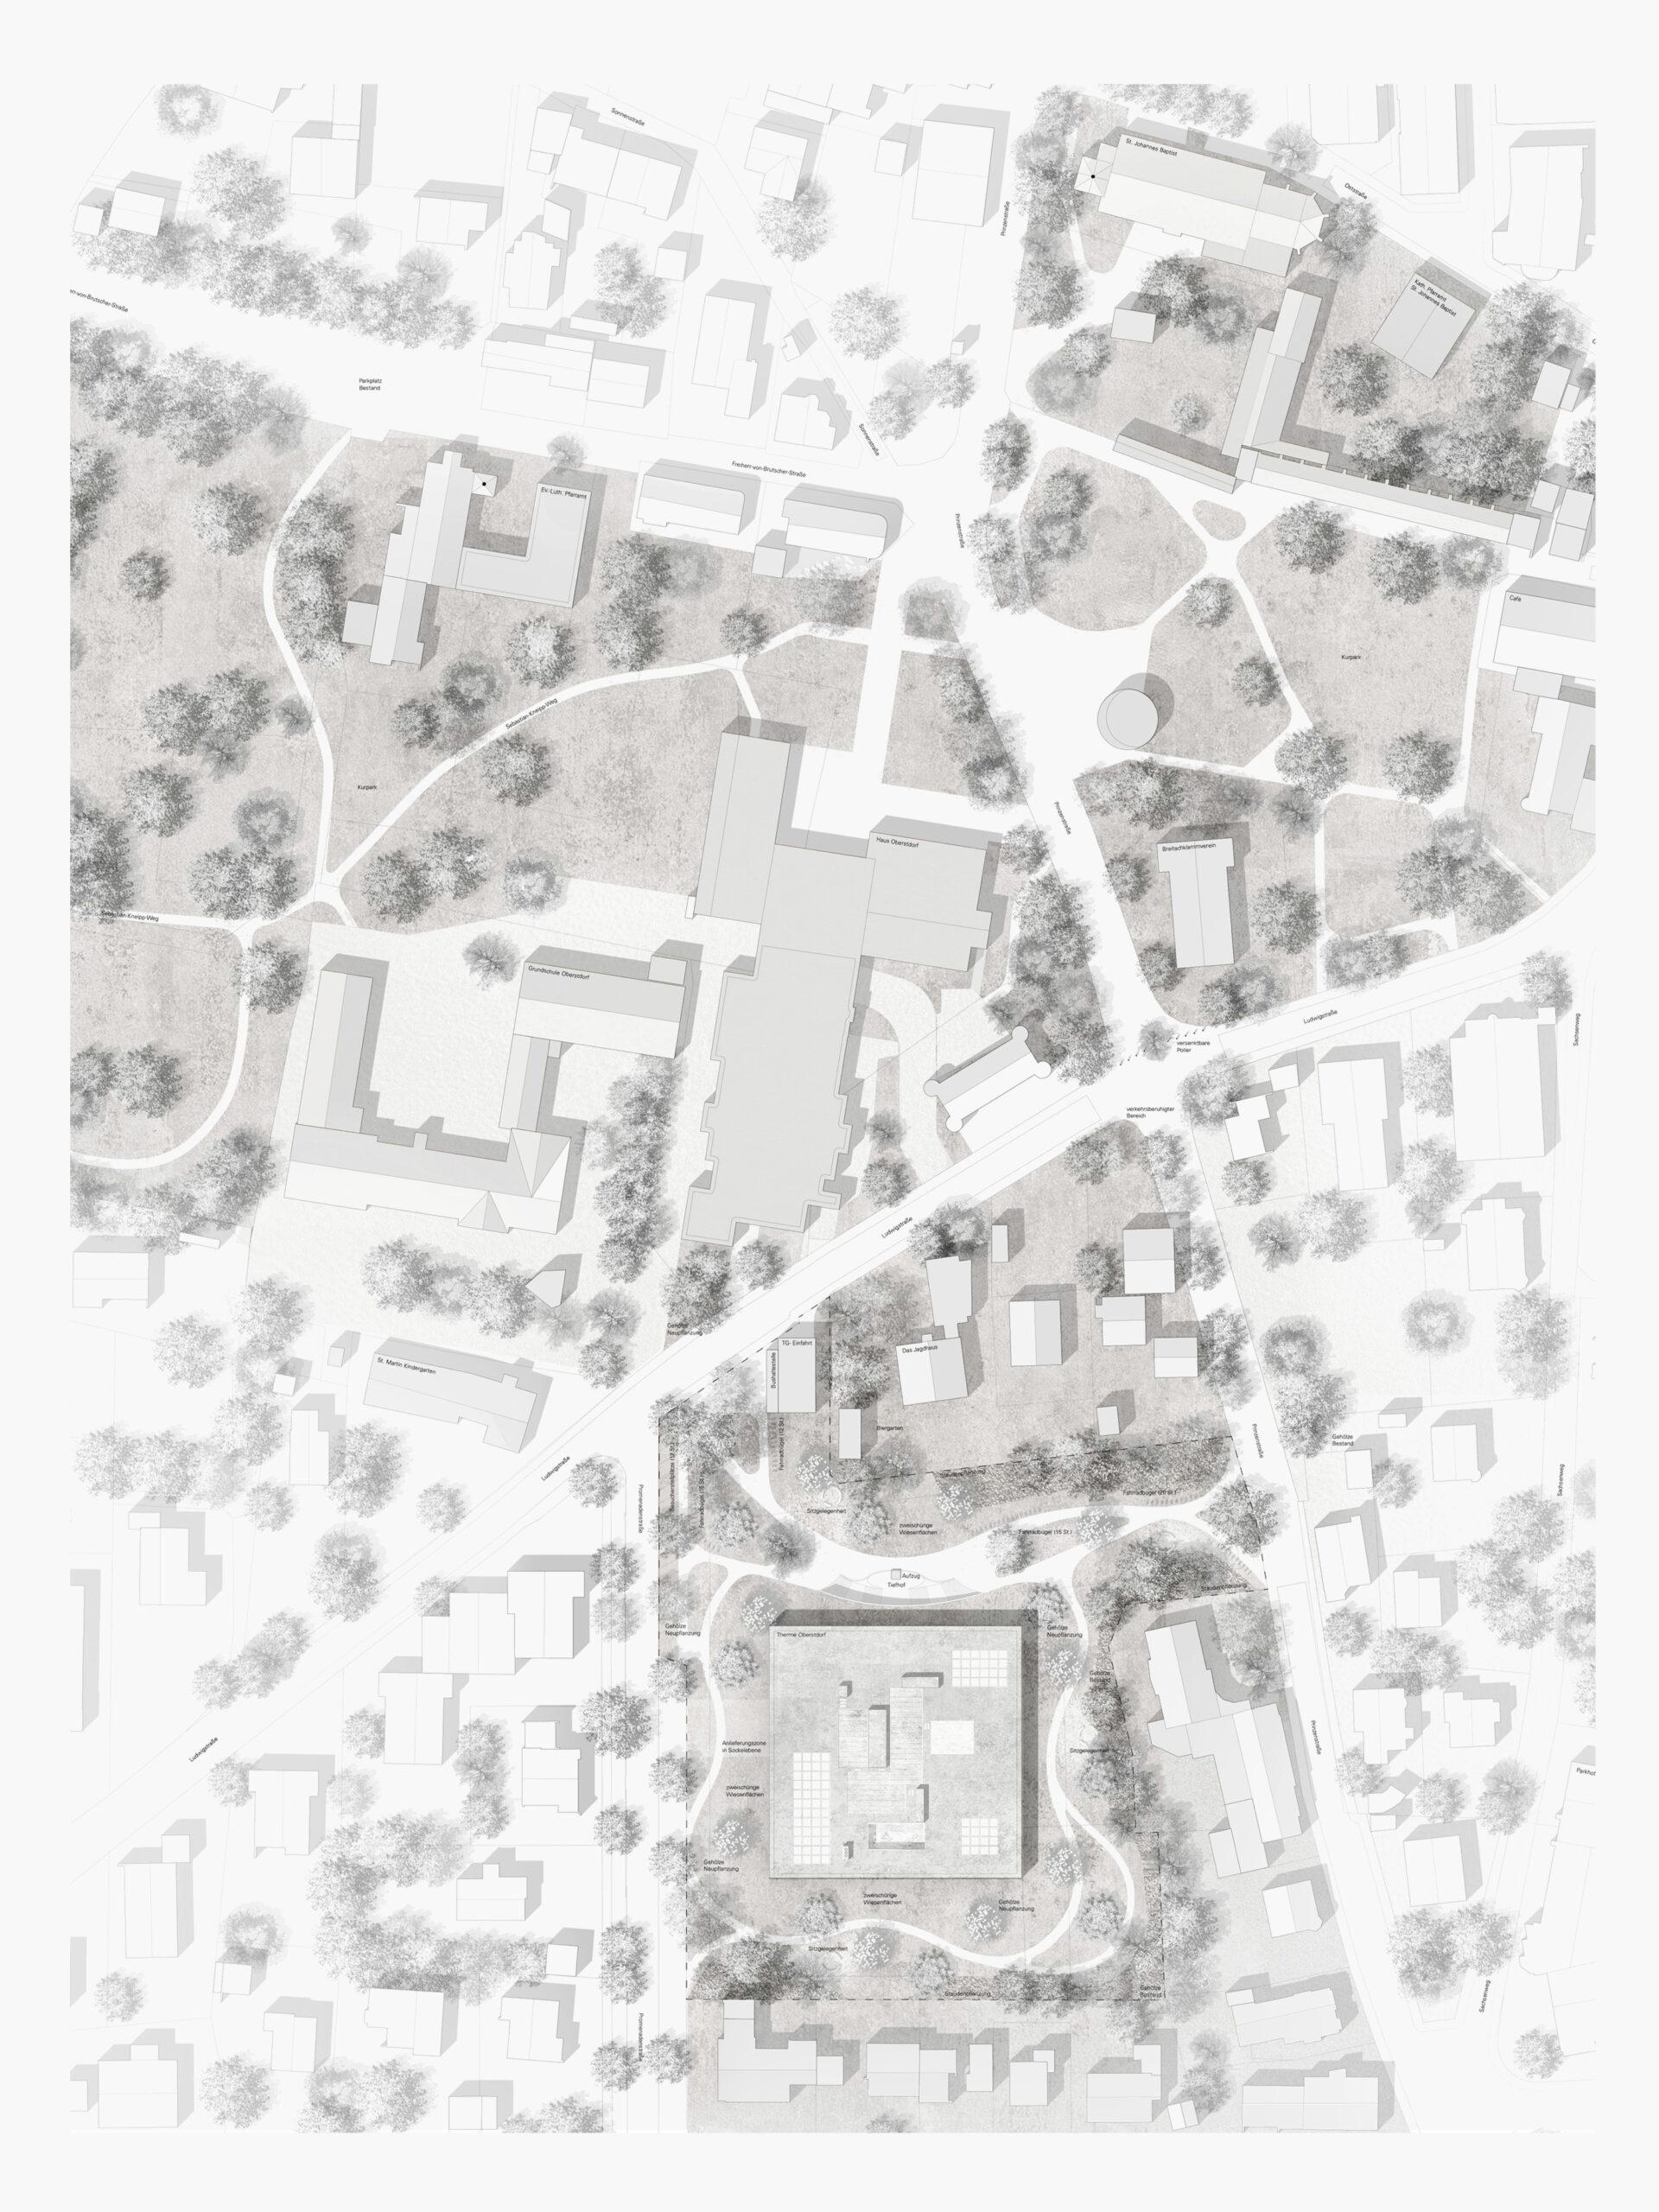 Michael-Becker-Architects-Architekten-Therme-Oberstdorf-Lageplan